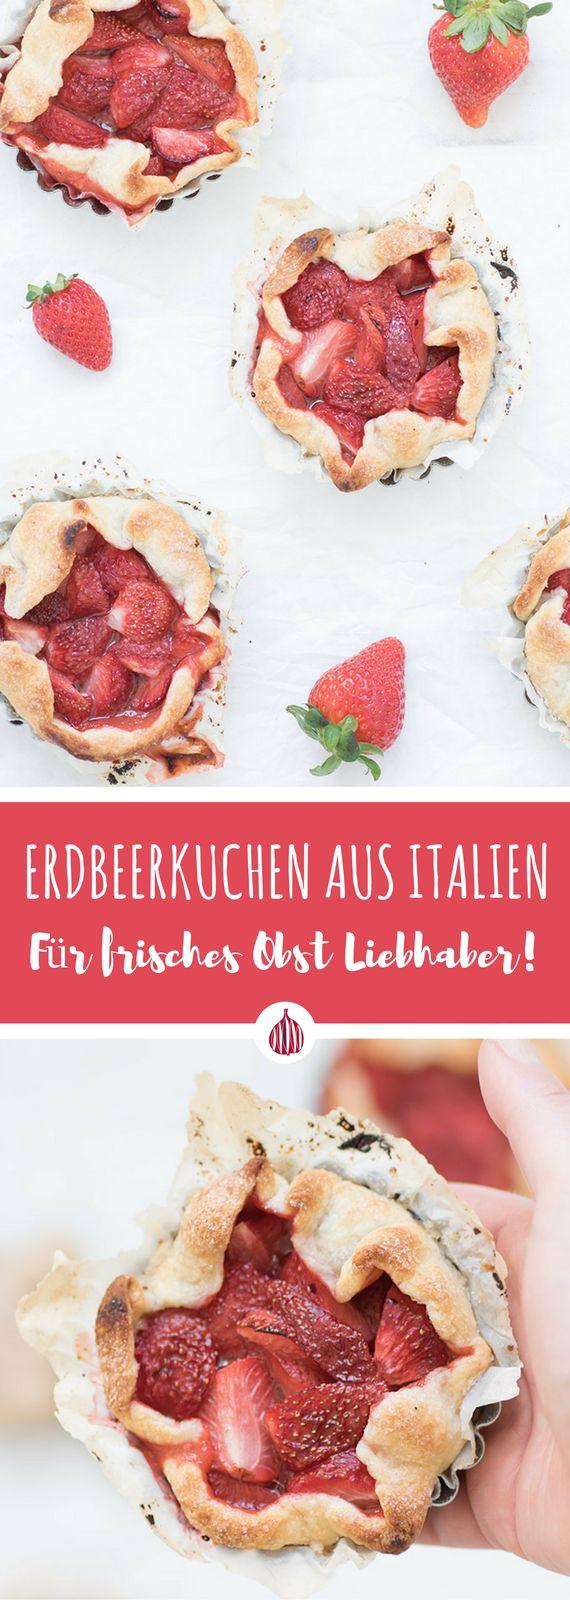 Erdbeertarte mit buttrigen Mürbeteig-Boden. So lecker! #italienisch #kochen #theblackfig